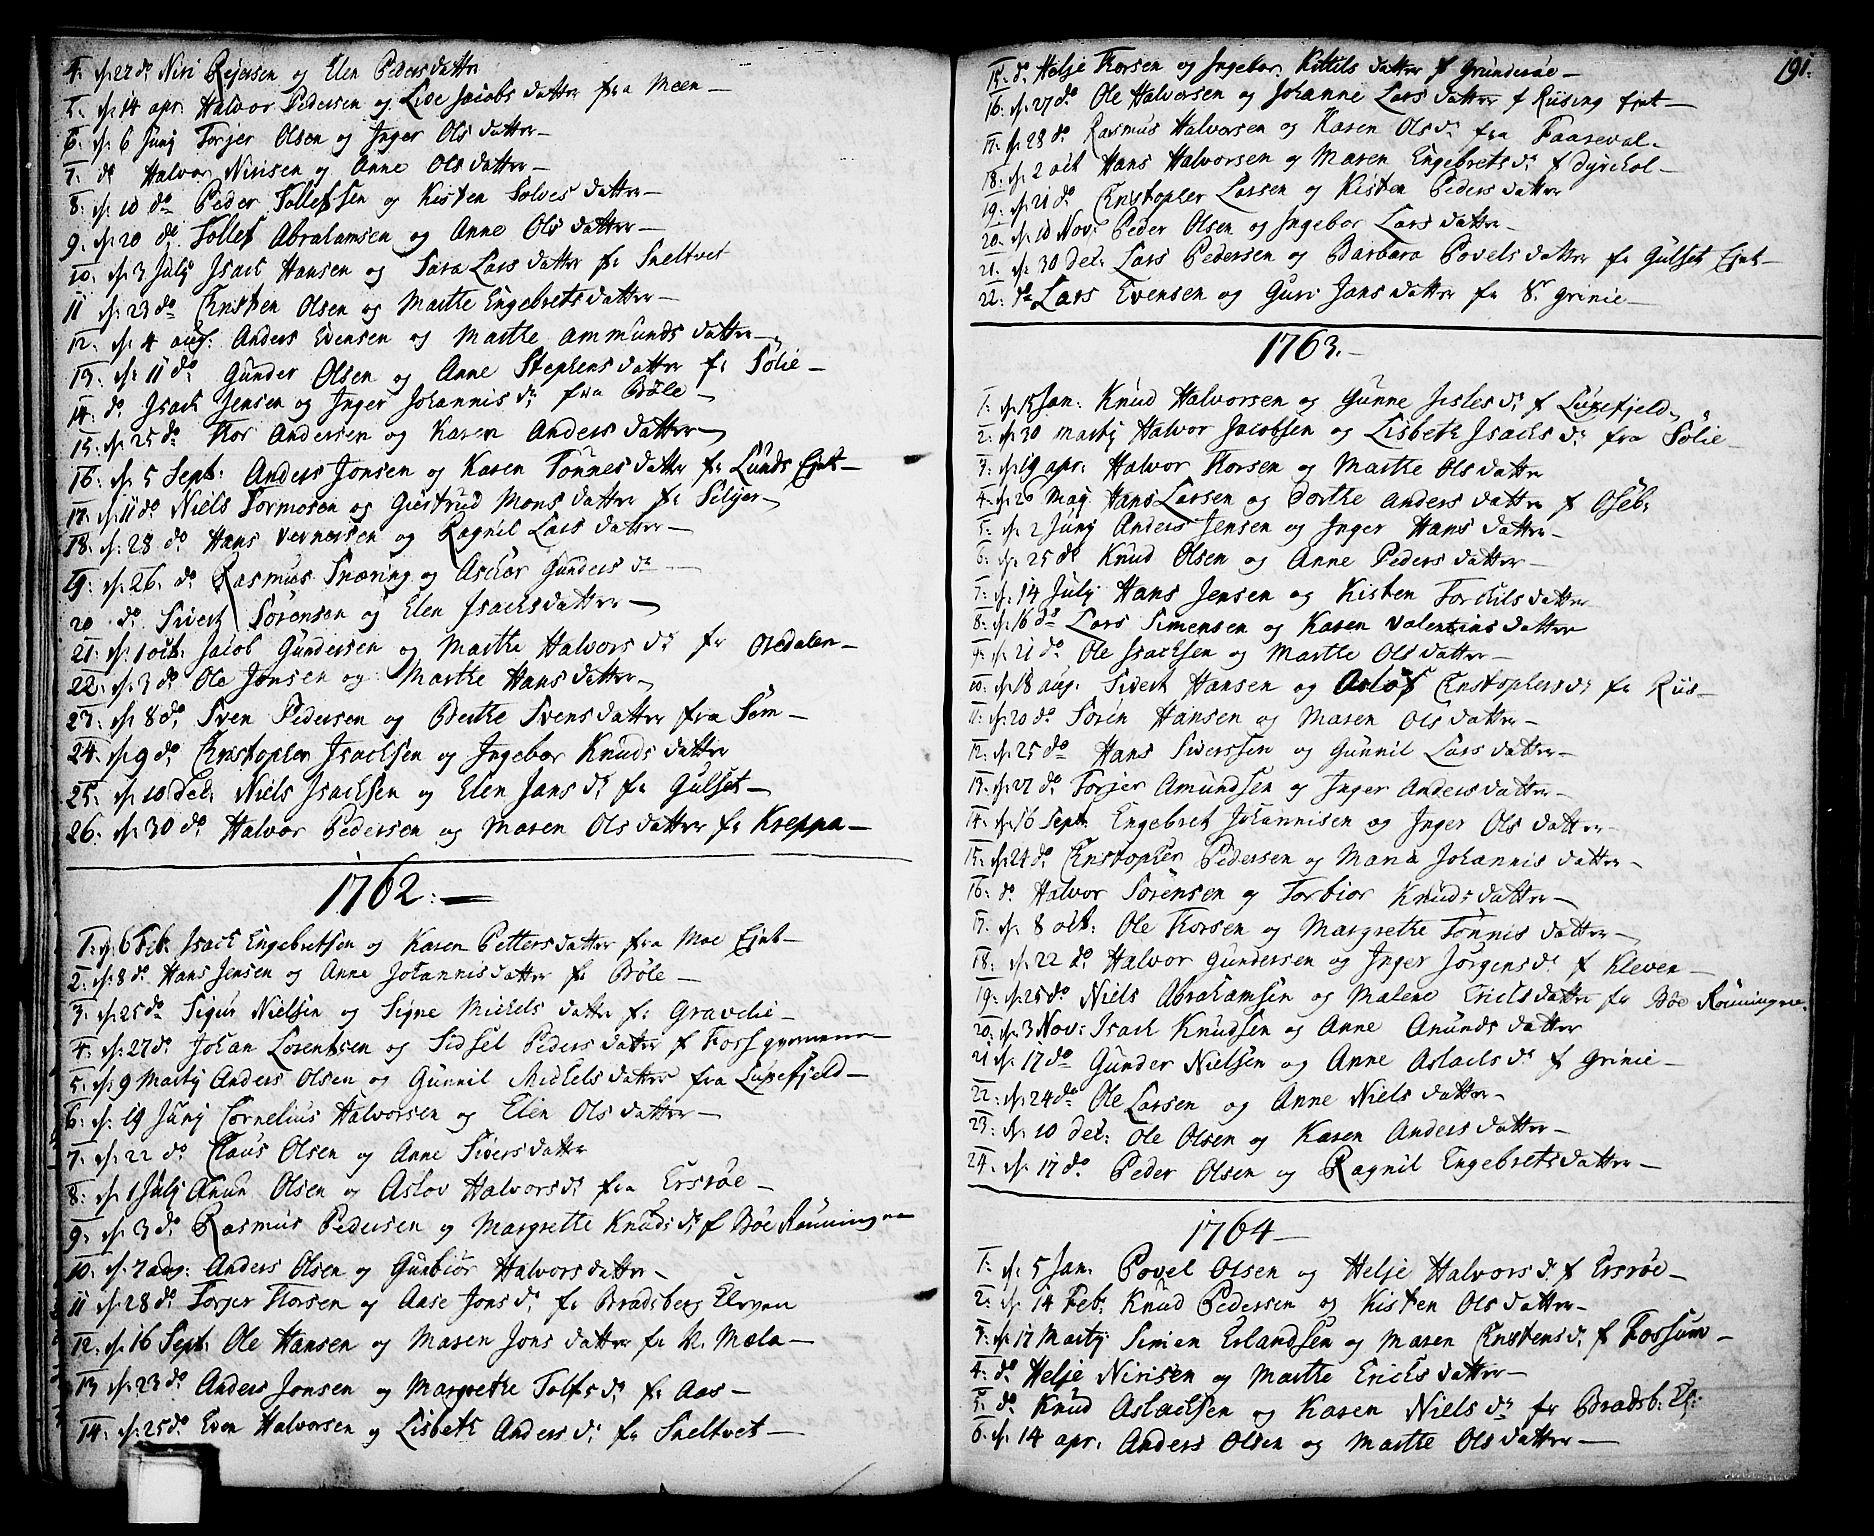 SAKO, Gjerpen kirkebøker, F/Fa/L0002: Ministerialbok nr. 2, 1747-1795, s. 191